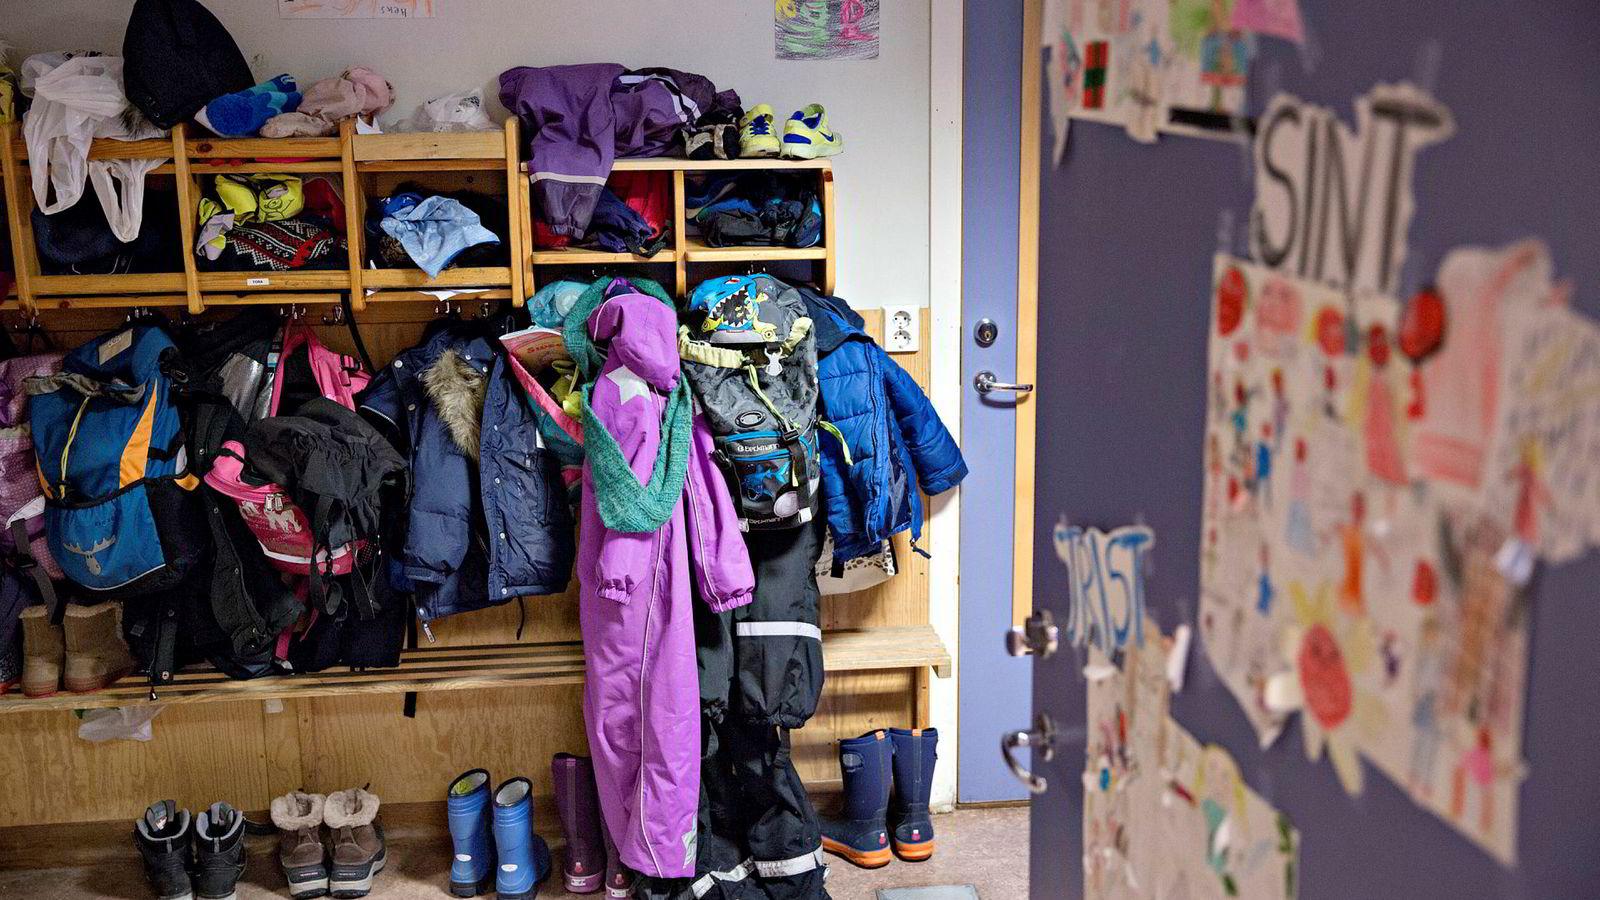 Det er på tide med noen modige velferdsreformer som bygger videre ut vår velferd. En mer praktisk og variert skoledag, kombinert med gratis SFO med skolelekser og mat, vil være mer inkluderende, gi dybdelæring og forberede ungene på fremtidens arbeidsliv, hvor kreativitet og læring hele livet vil være sentralt.